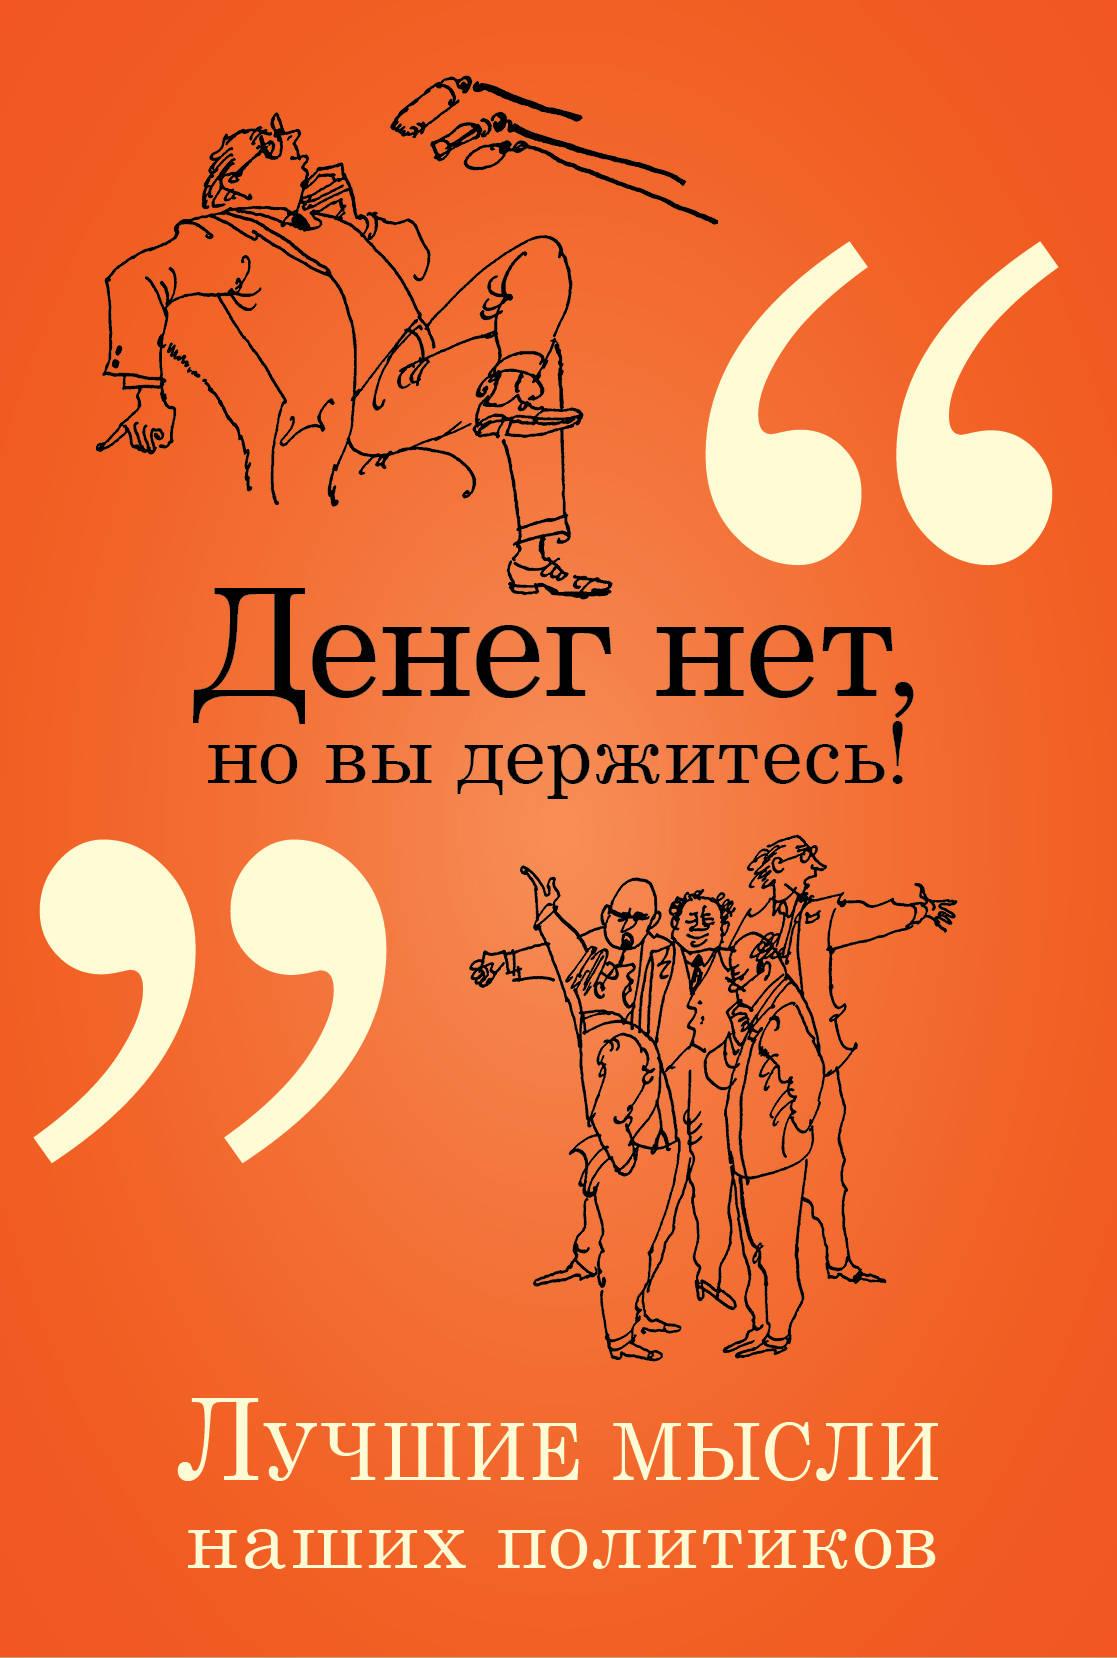 Константин Душенко Зернистые мысли наших политиков душенко константин васильевич зернистые мысли и фразы наших политиков от горбачева до путина